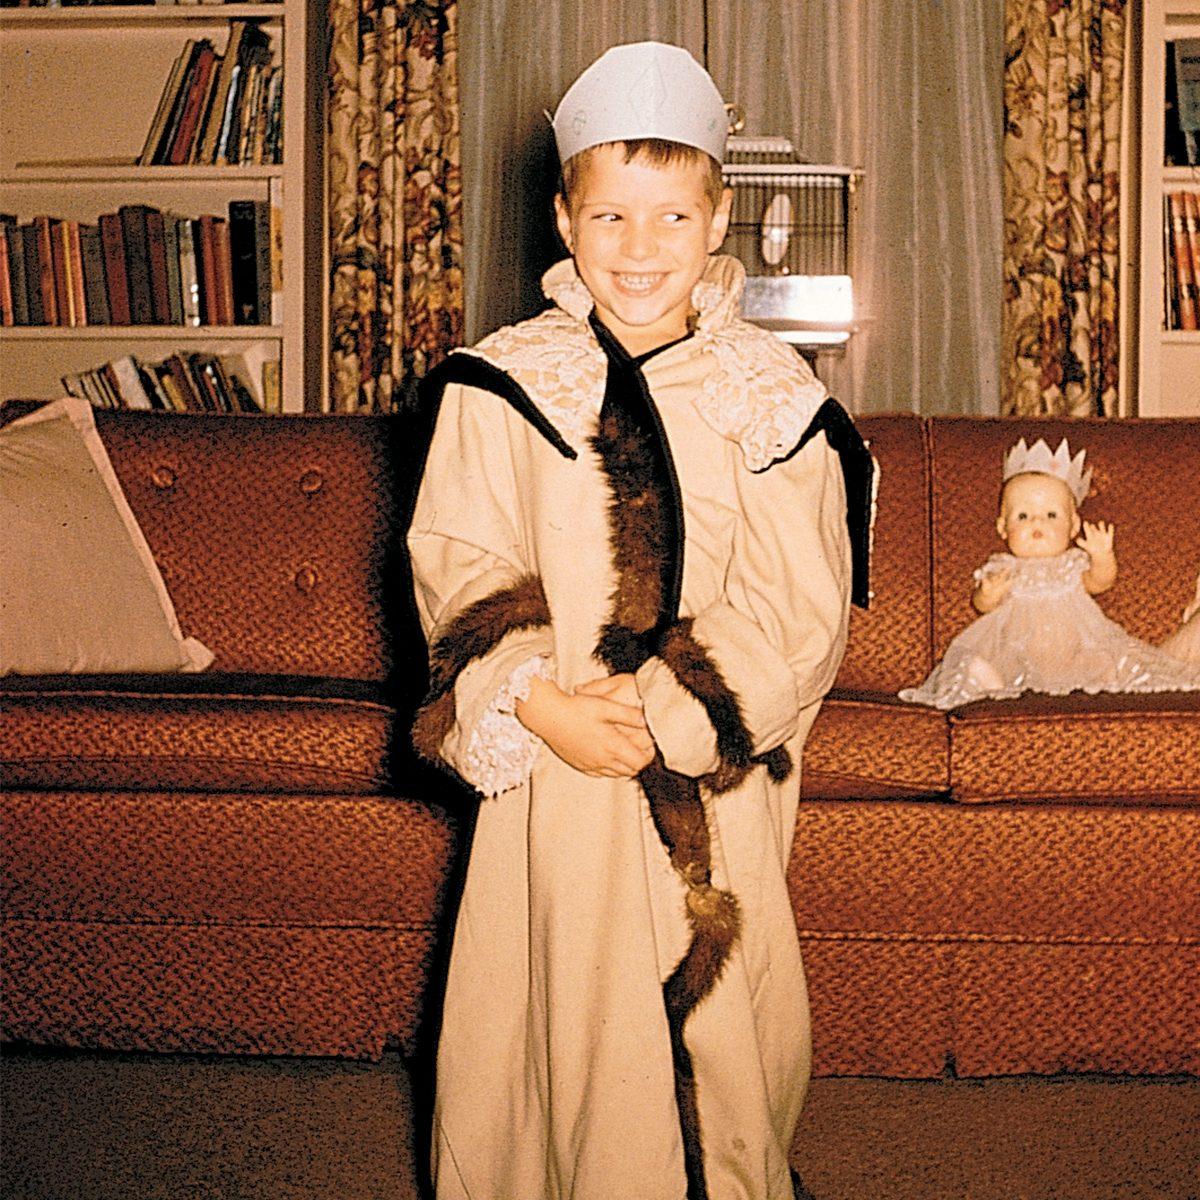 boy dressed up in costume for Halloween /REM Magazine/1997/November-December-1997_1953/1011-5859_HiRes